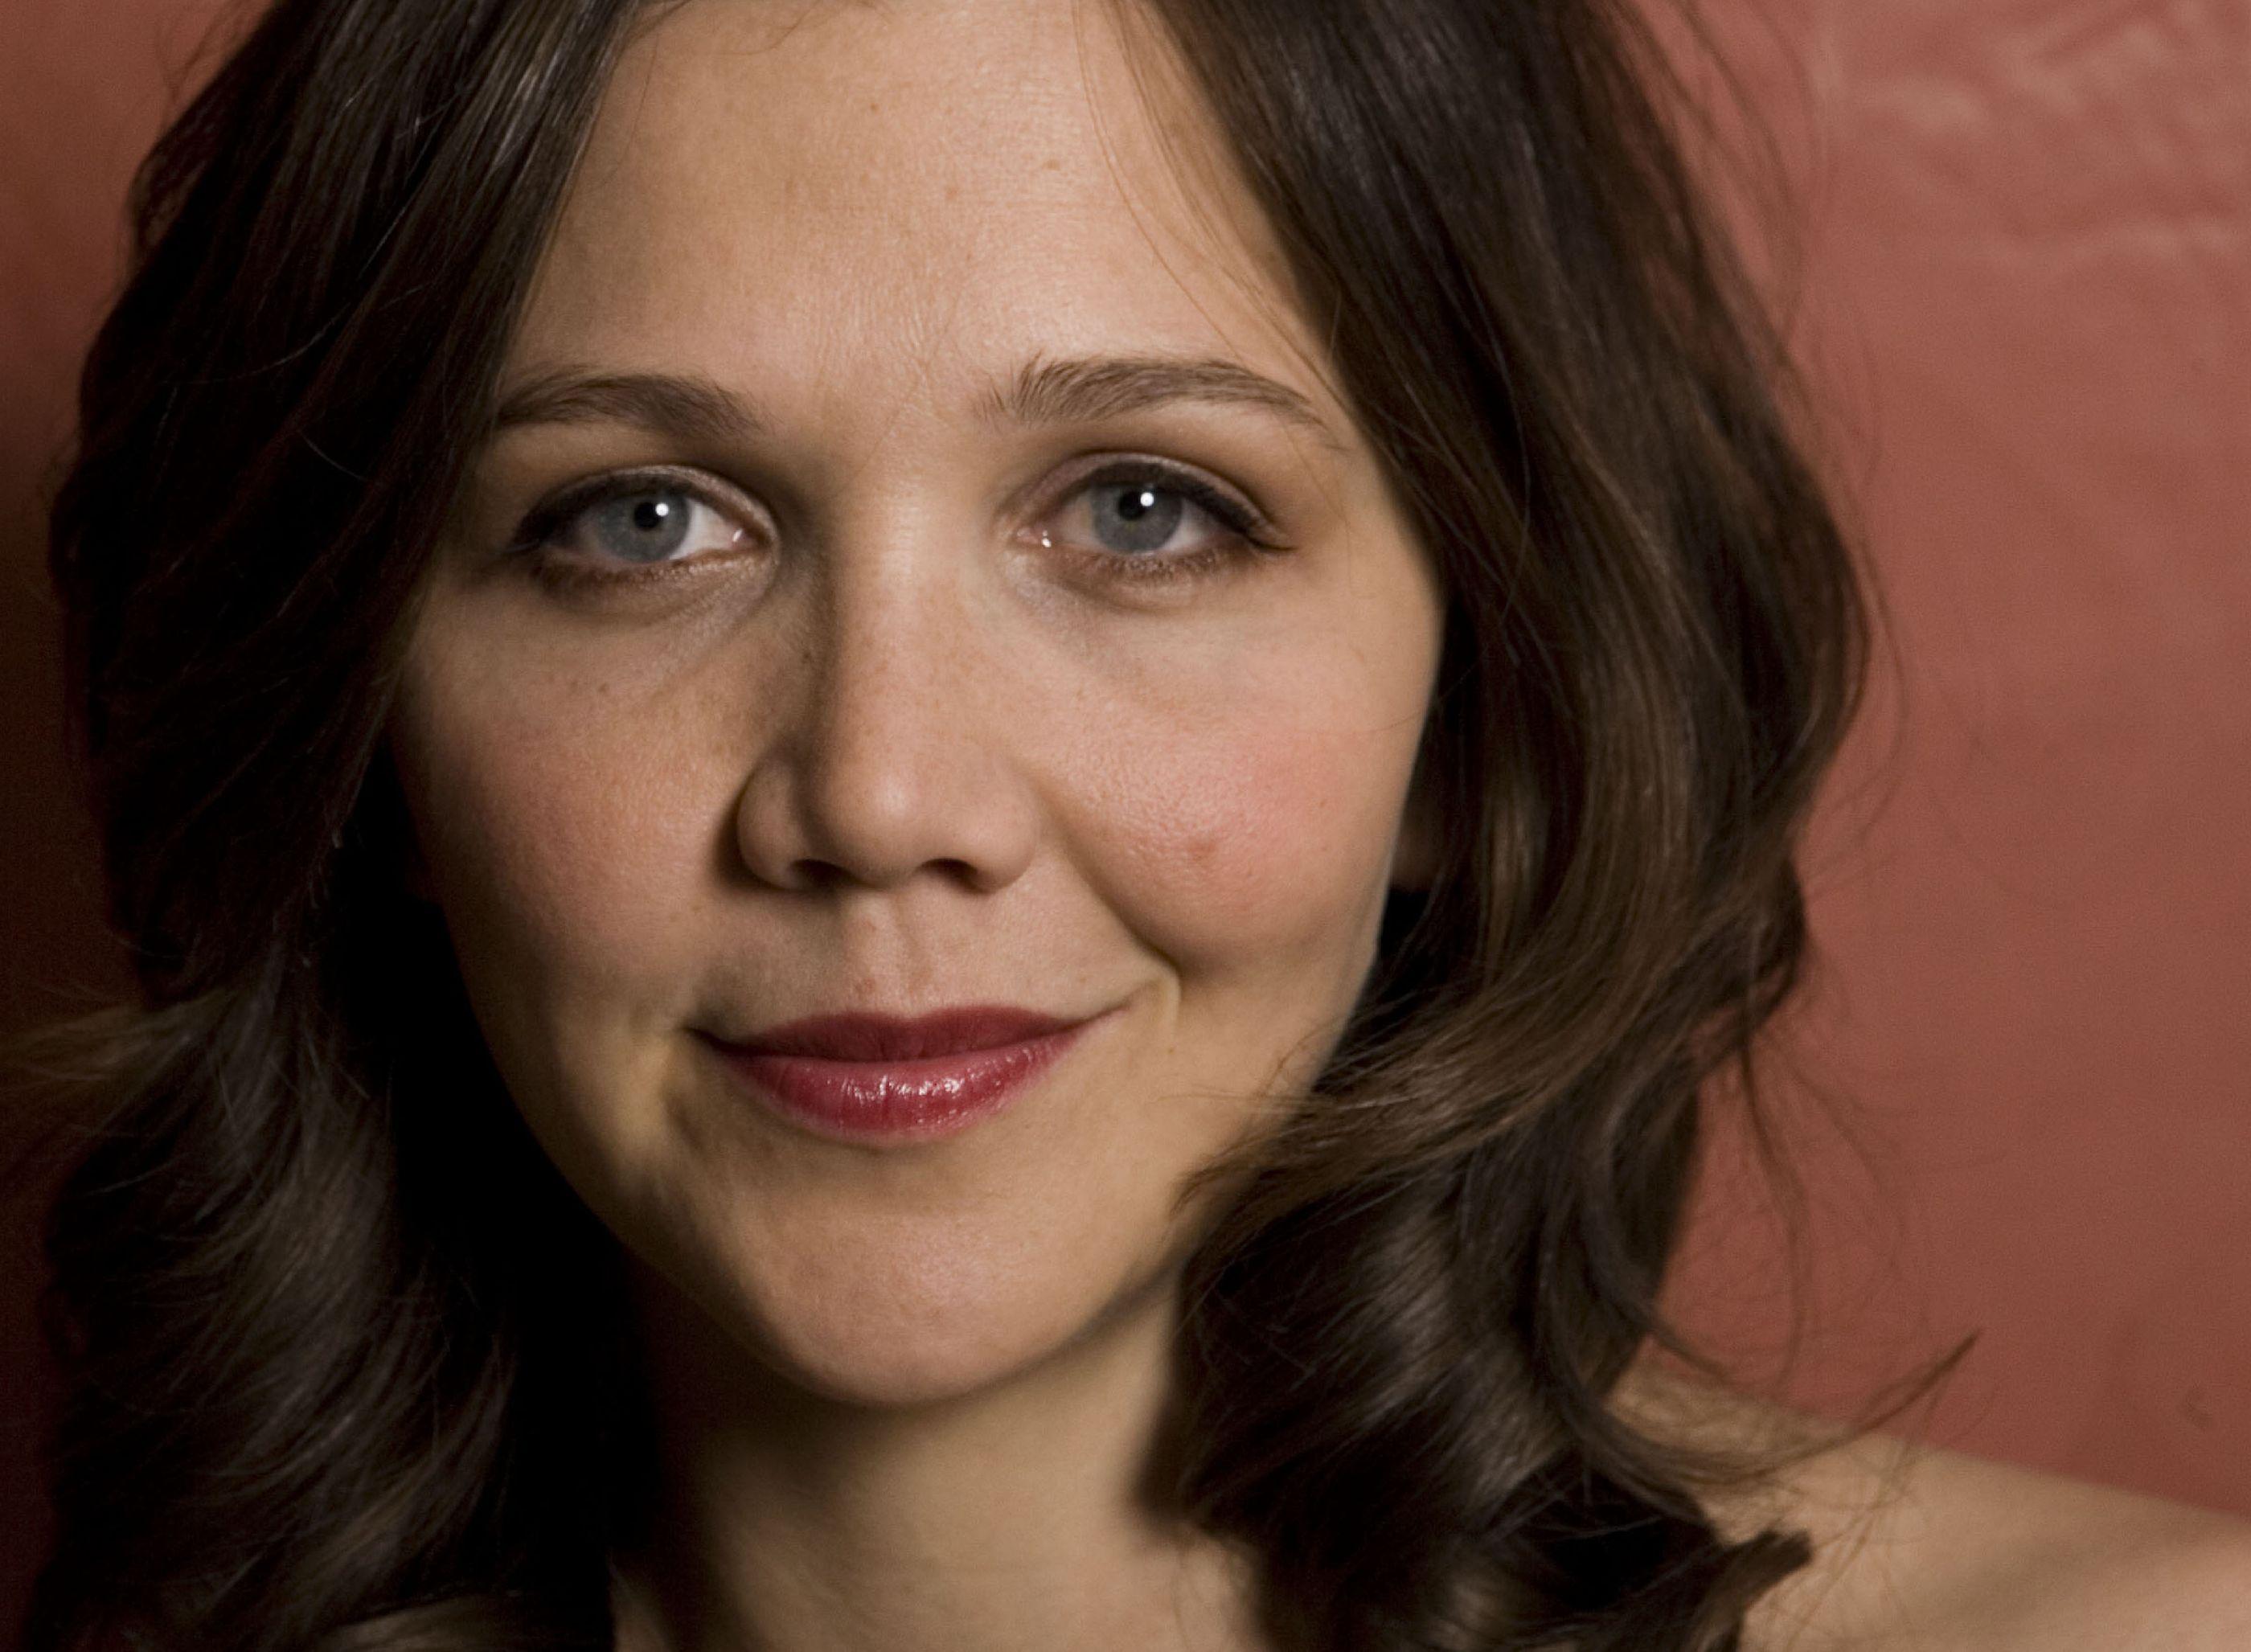 Maggie Gyllenhaal Background